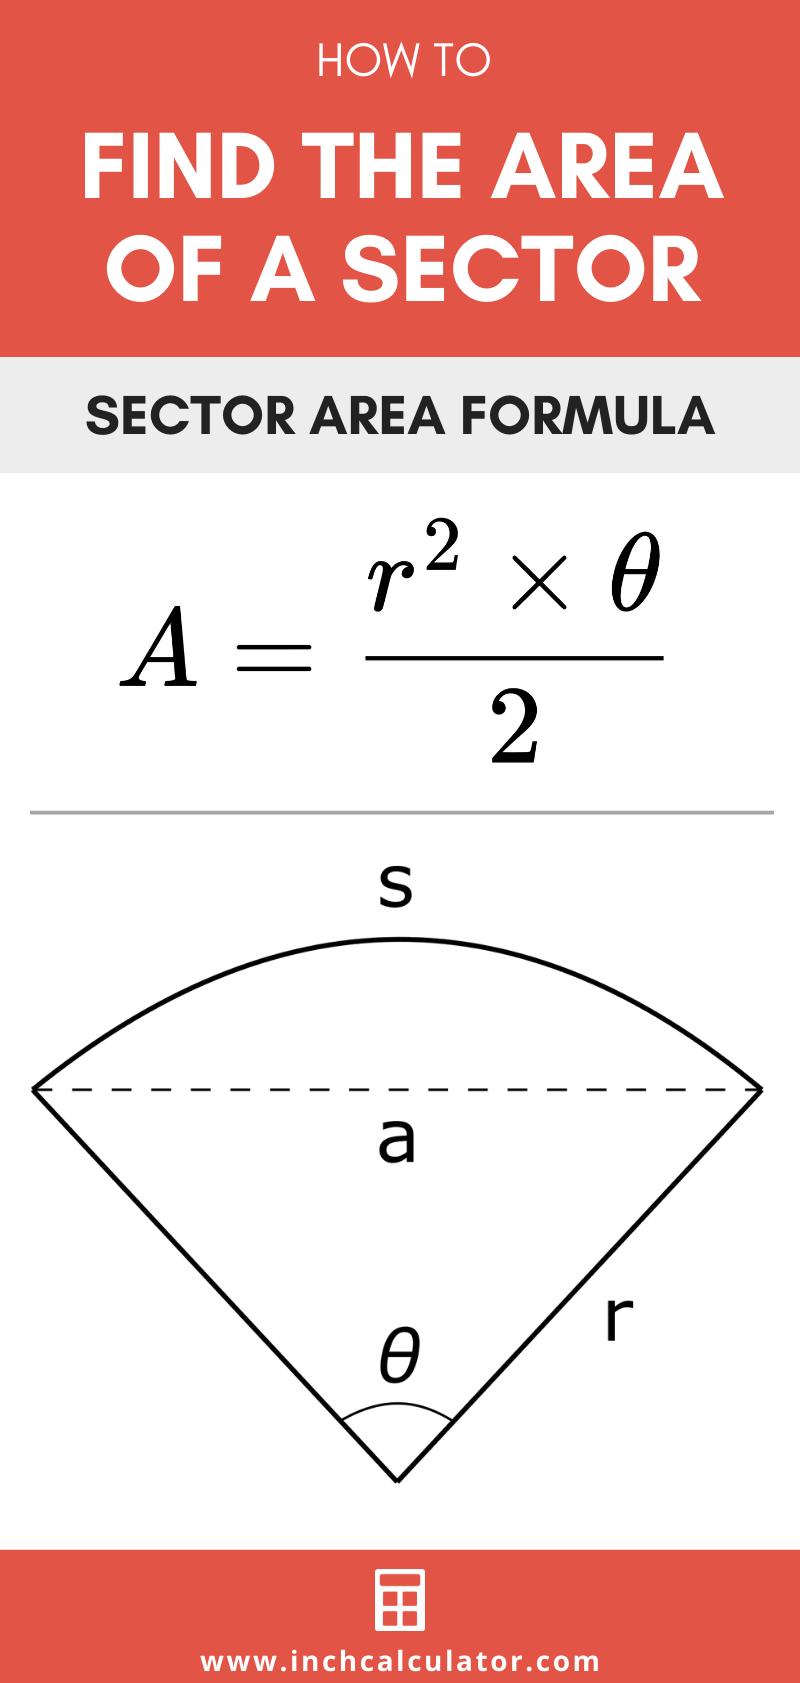 Share sector area calculator